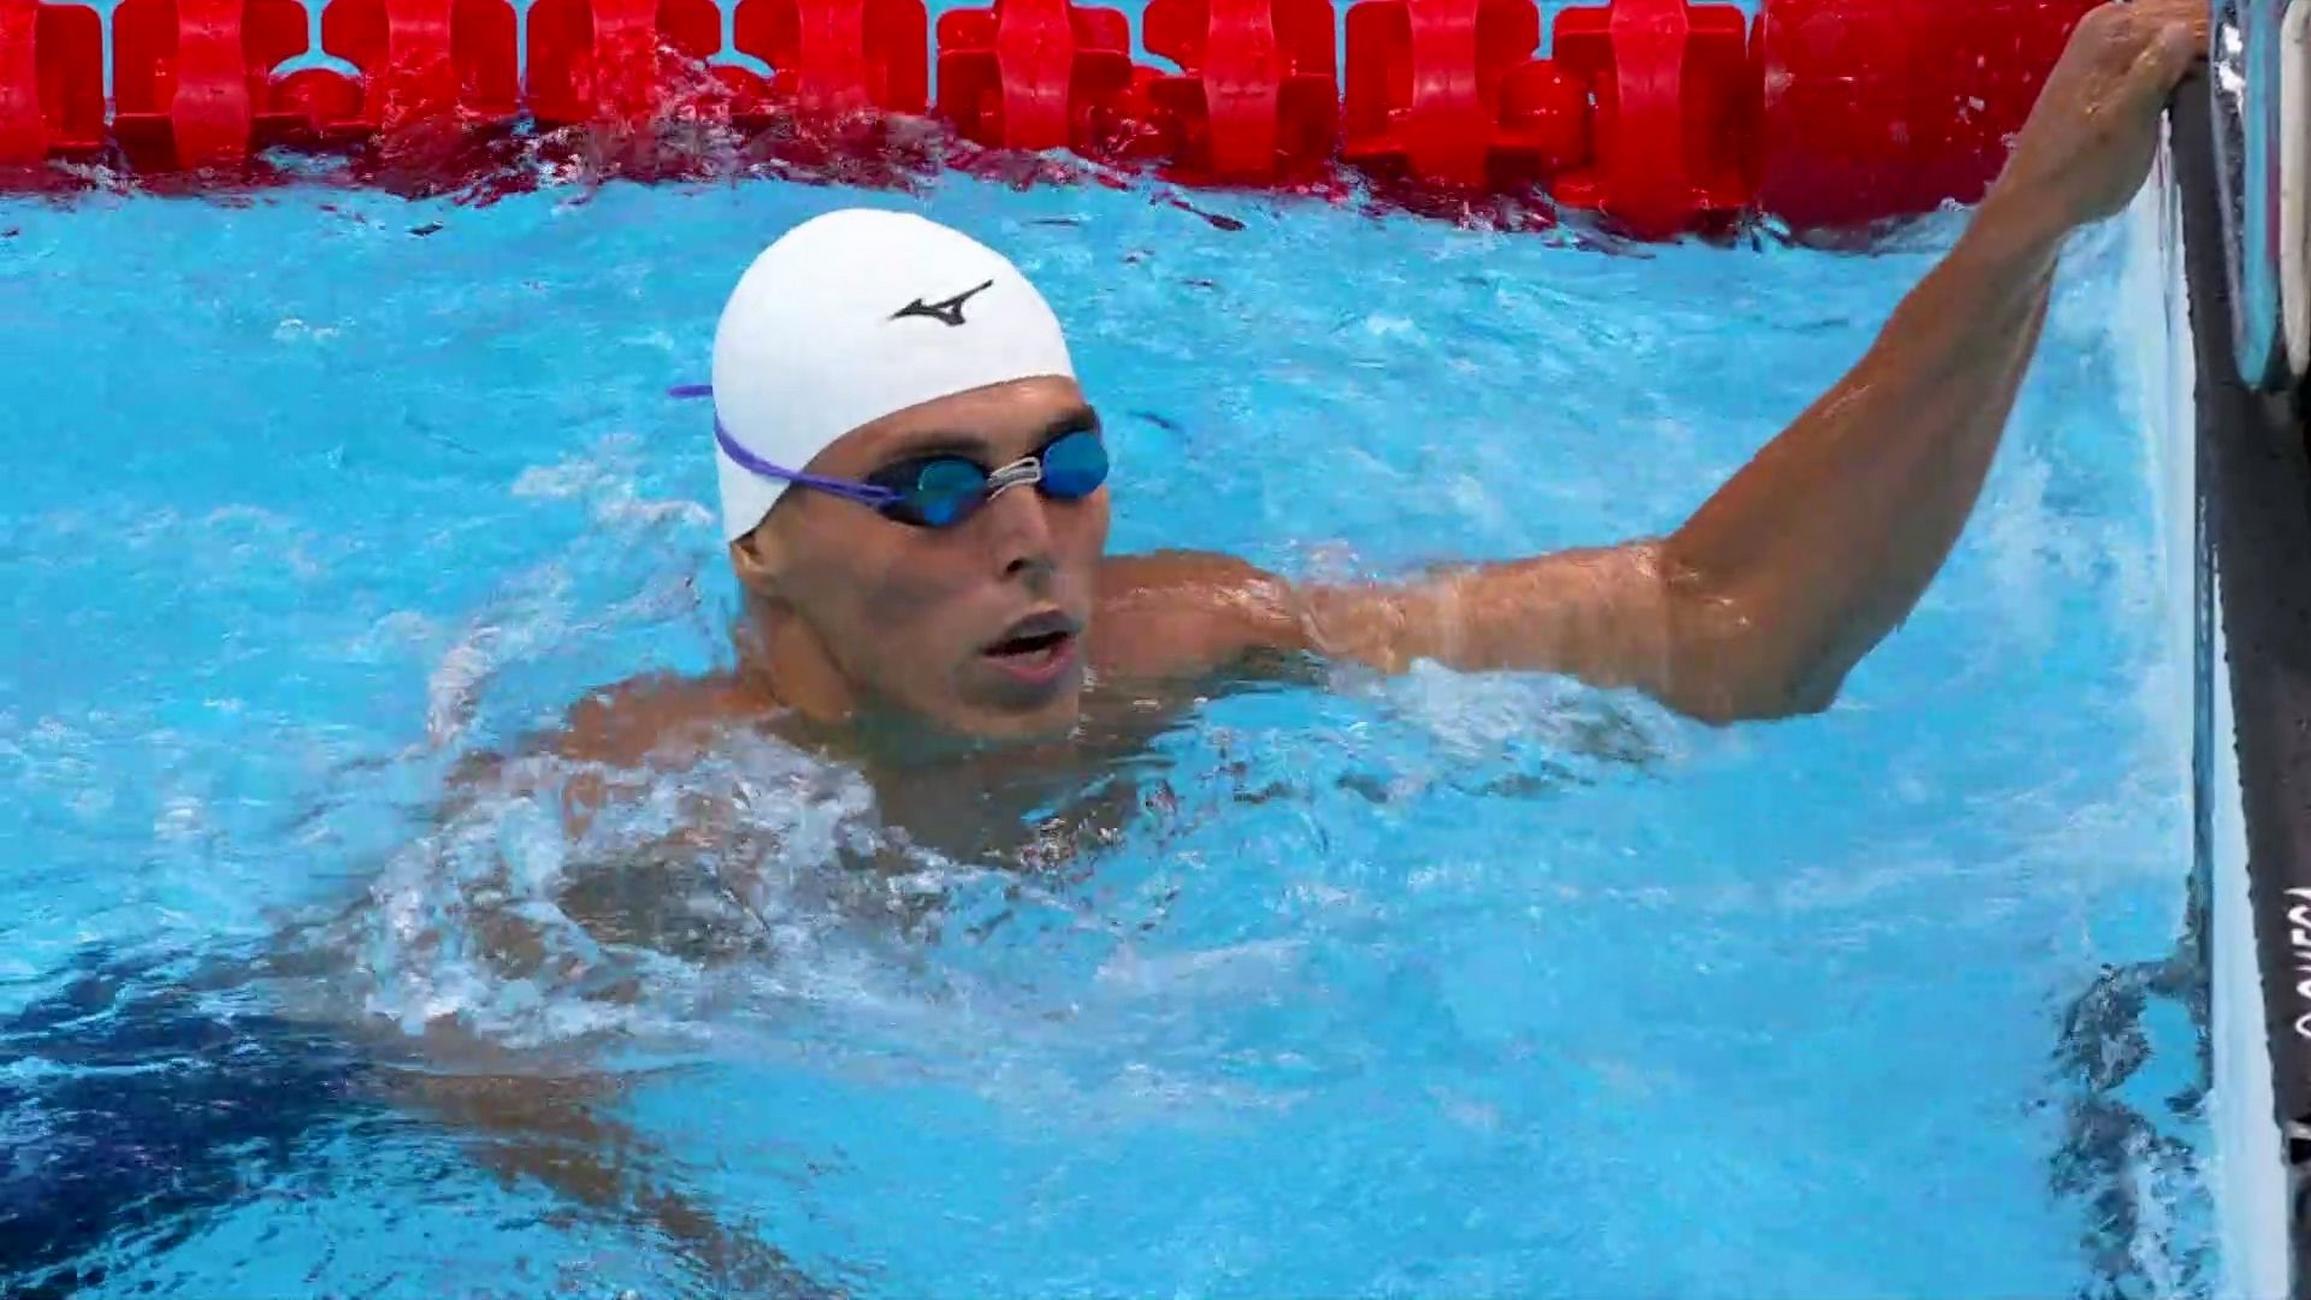 Ολυμπιακοί Αγώνες: Πρώτος στον προκριματικό ο Μάρκος, αλλά εκτός ημιτελικών